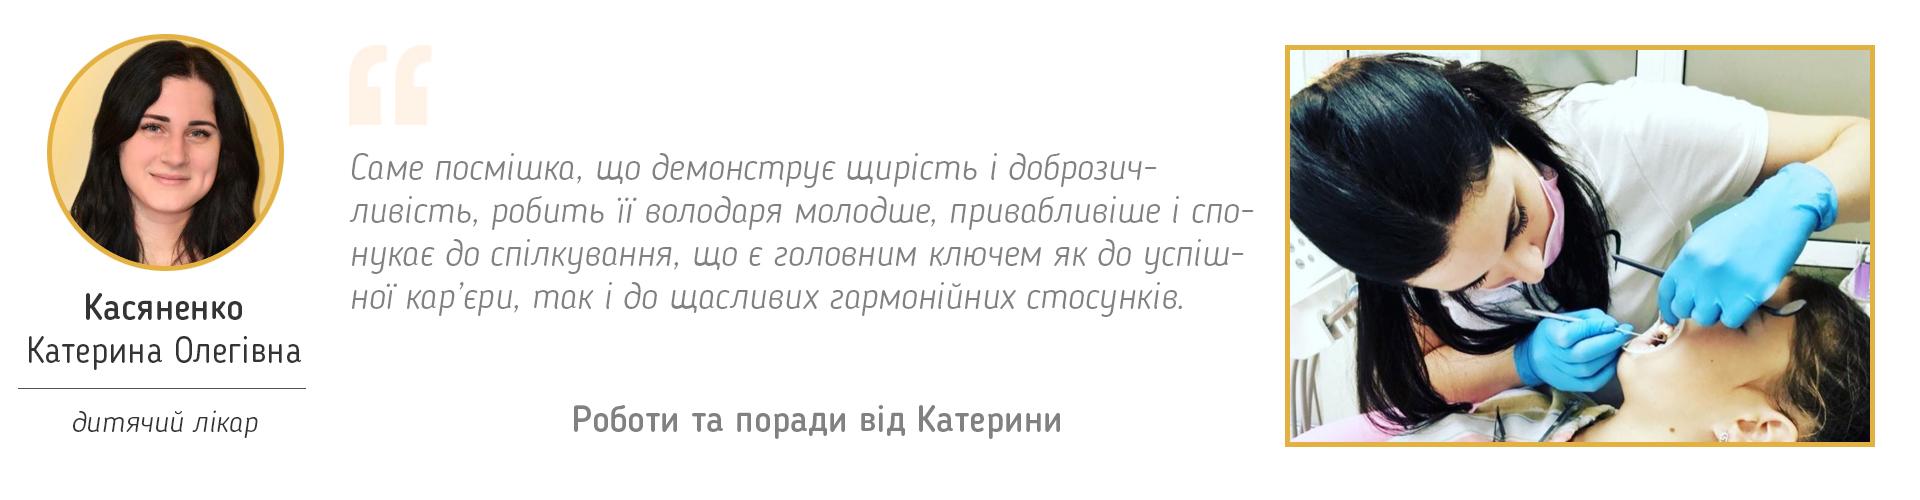 Роботи та поради від Катерини Касяненко, дитячий лікар